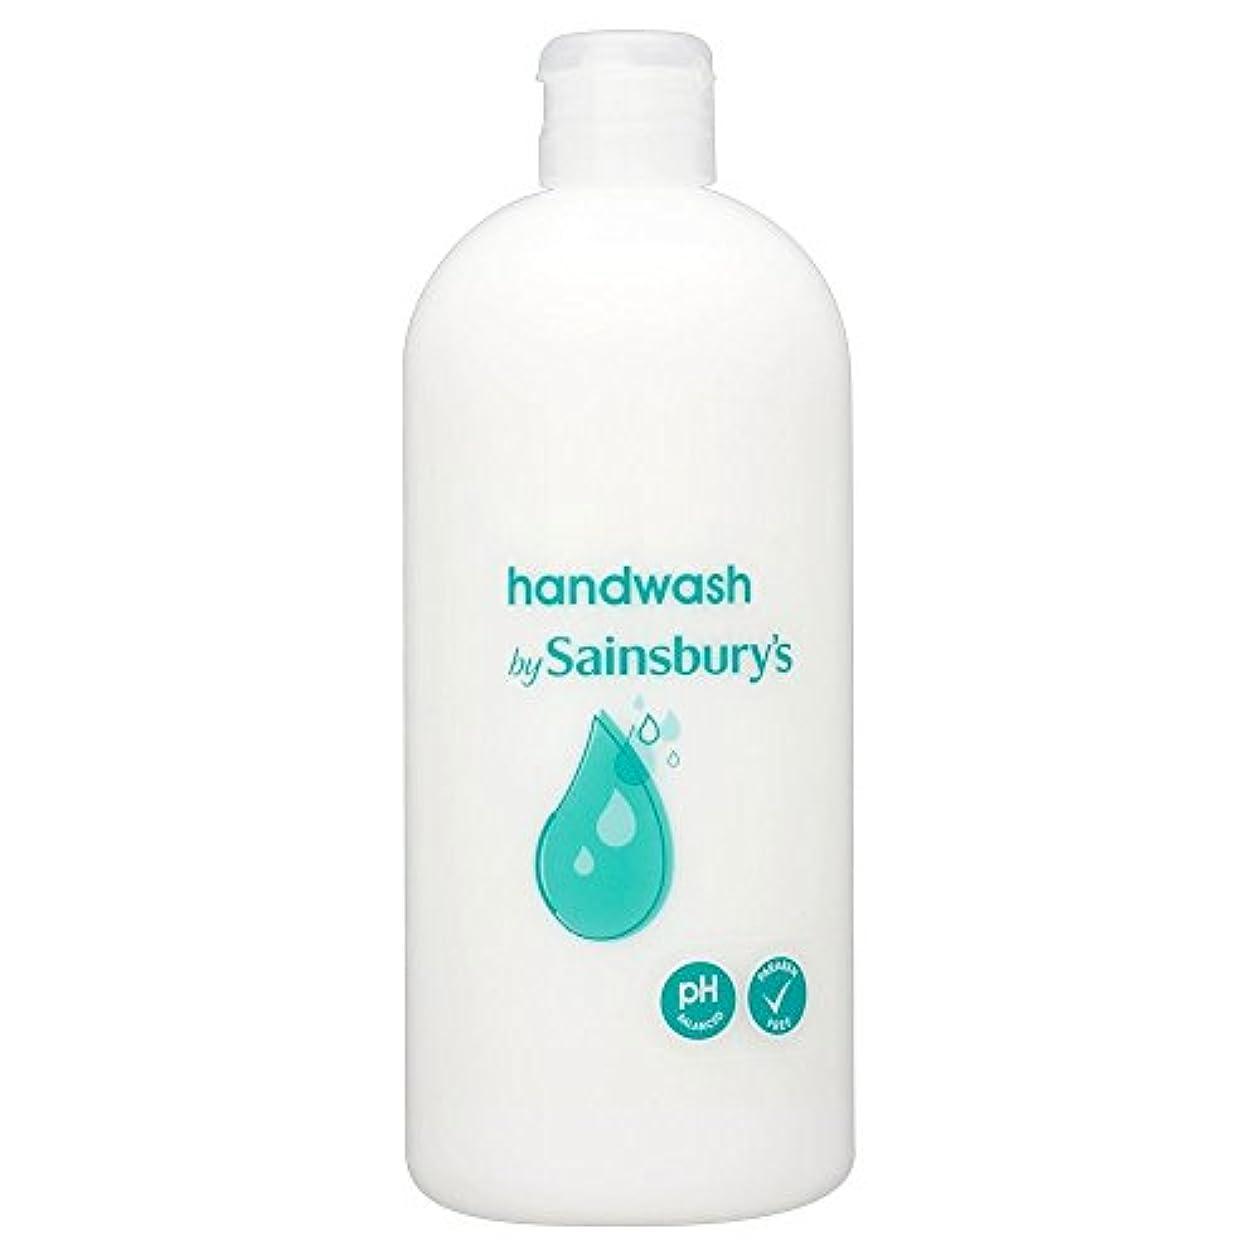 所属物足りない埋めるSainsbury's Handwash, White Refill 500ml (Pack of 6) - (Sainsbury's) 手洗い、白リフィル500ミリリットル (x6) [並行輸入品]